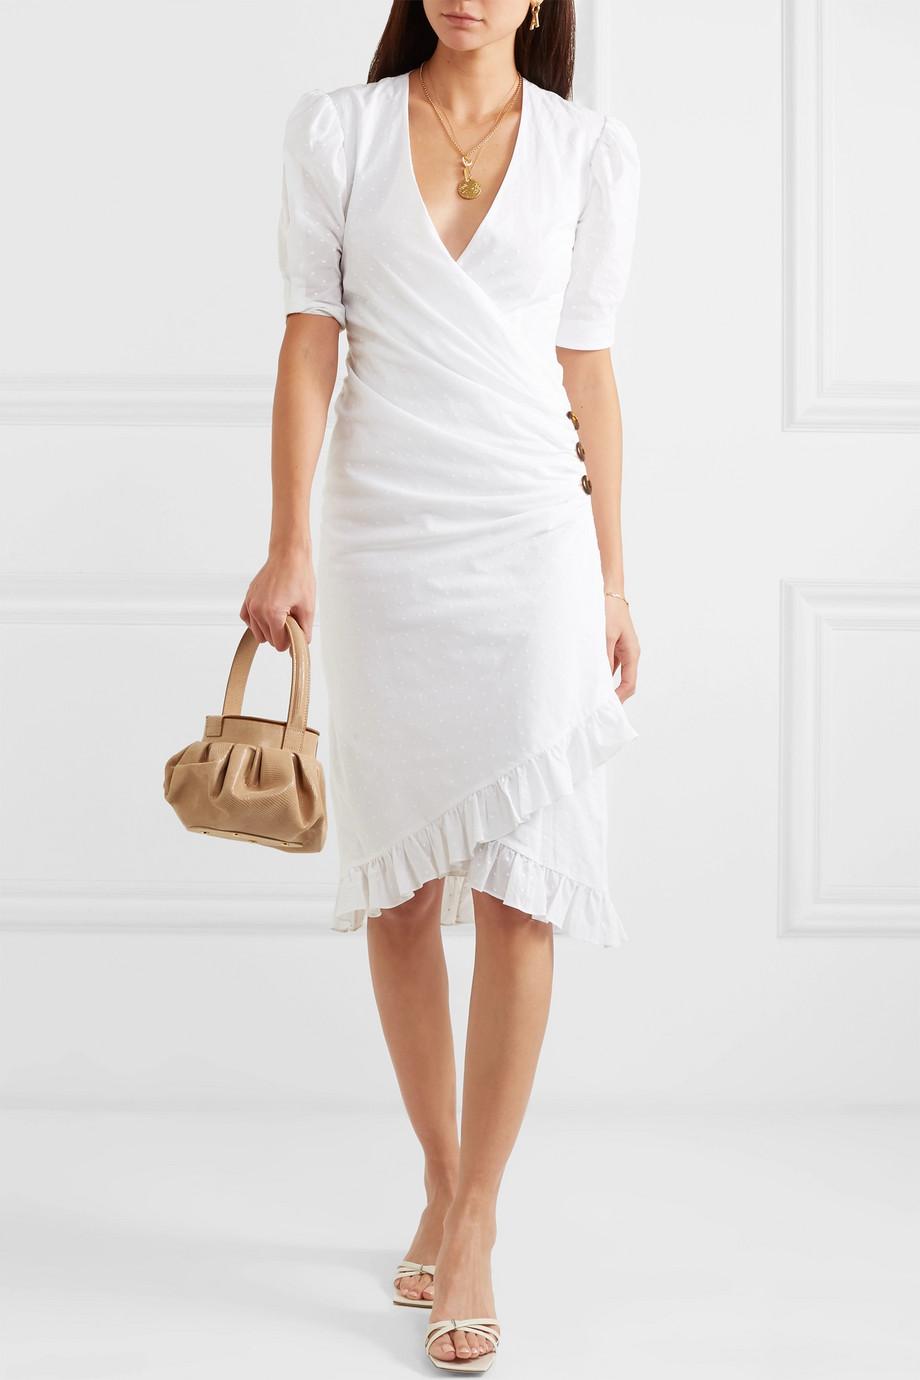 De La Vali Shanna Kleid aus Baumwollpopeline mit eingewebten Punkten, Rüschen und Wickeleffekt